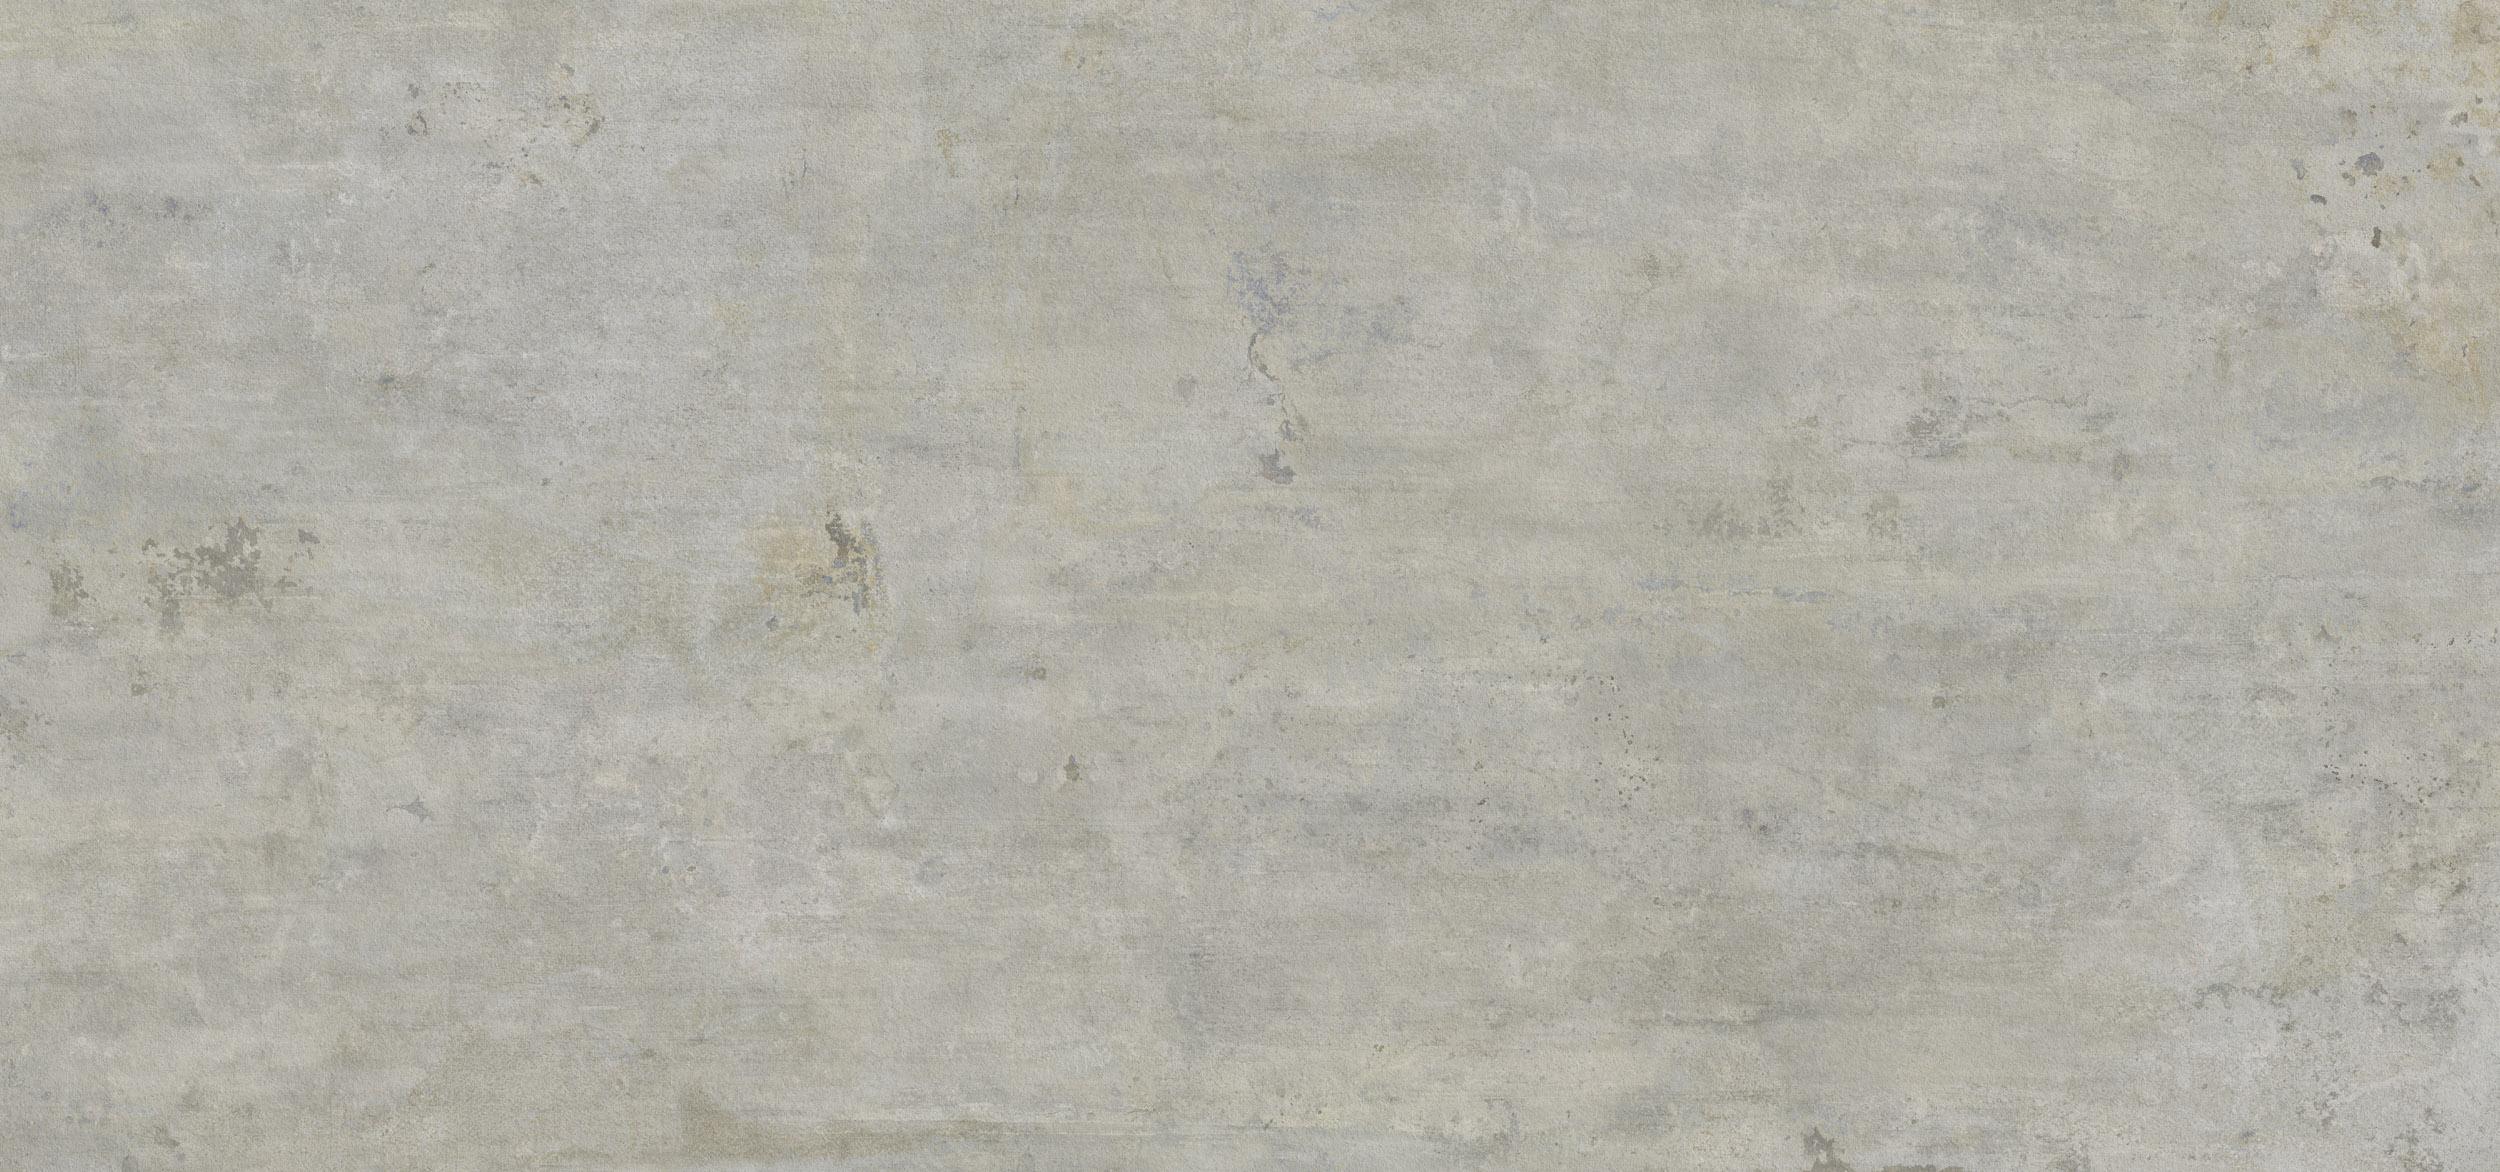 Neolith pietra compatta sinterizzata for Carrelage beton cire beige